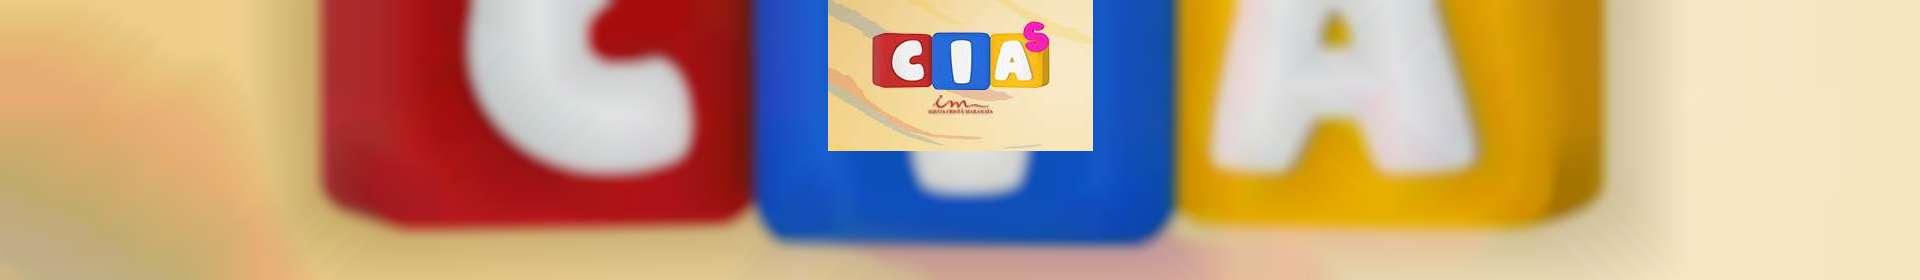 Aula de CIAS: classe de 03 a 07 anos - 14 de maio de 2020